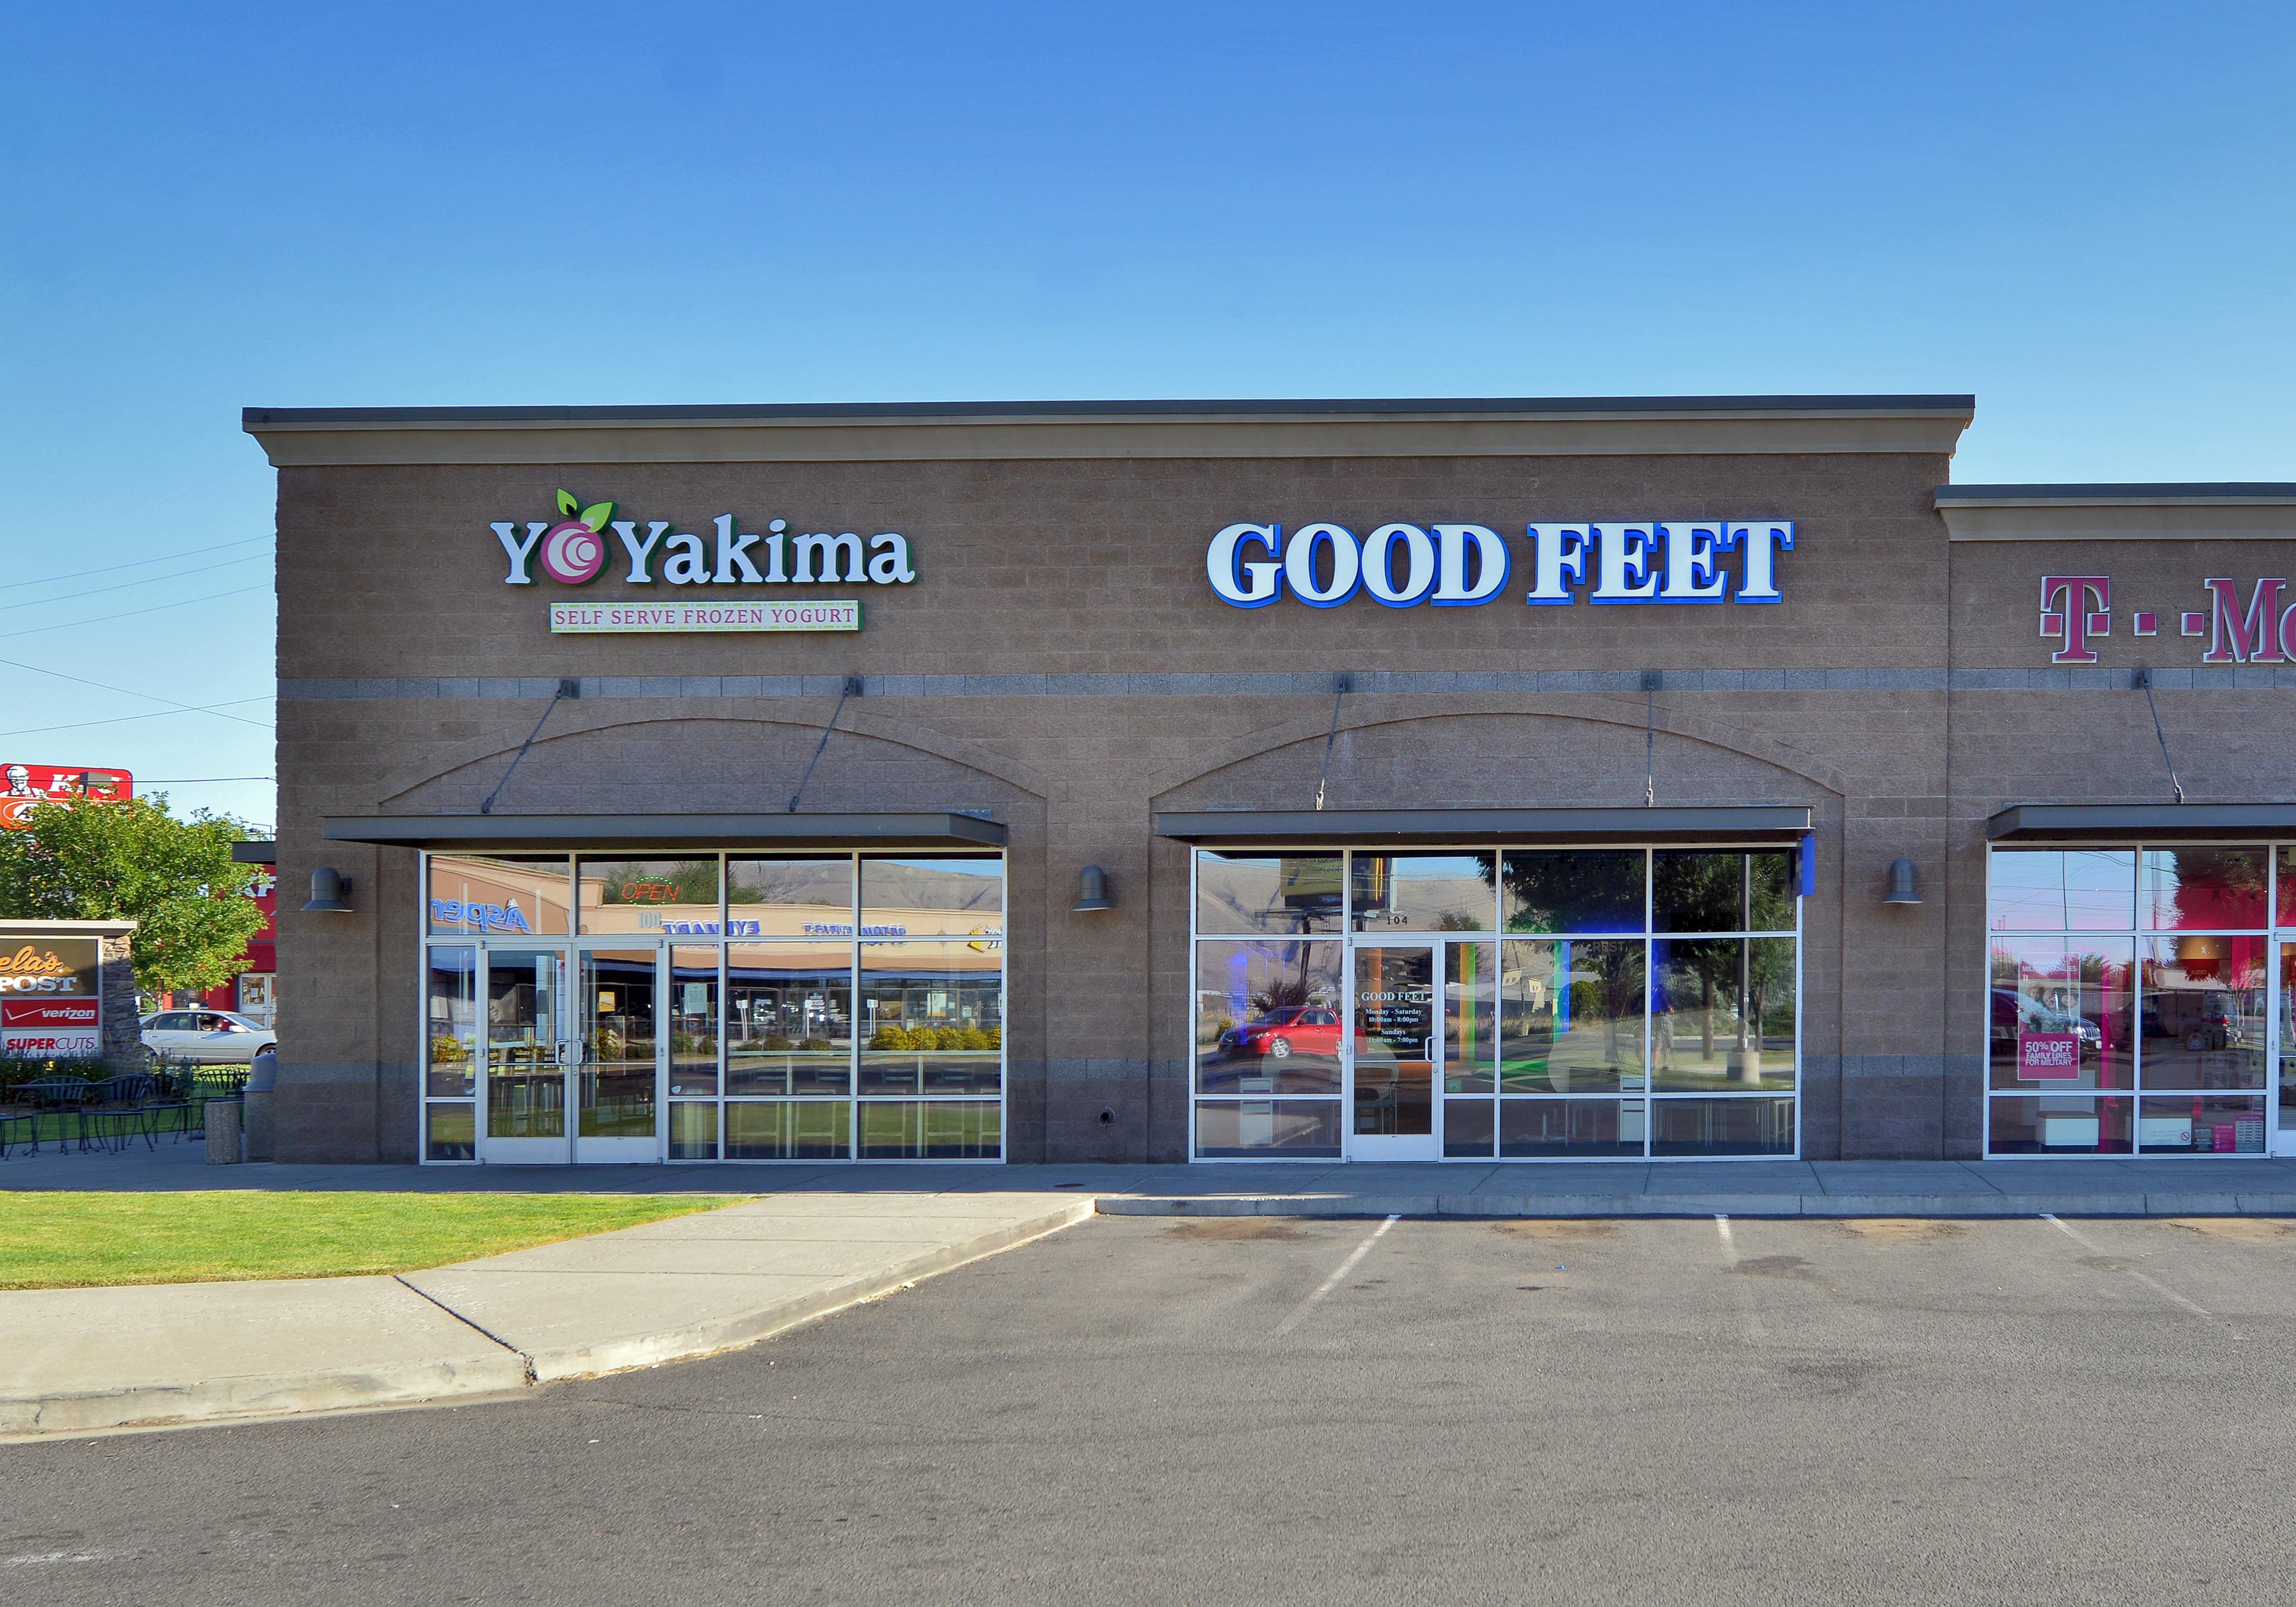 Yo-Yakima/Good Feet